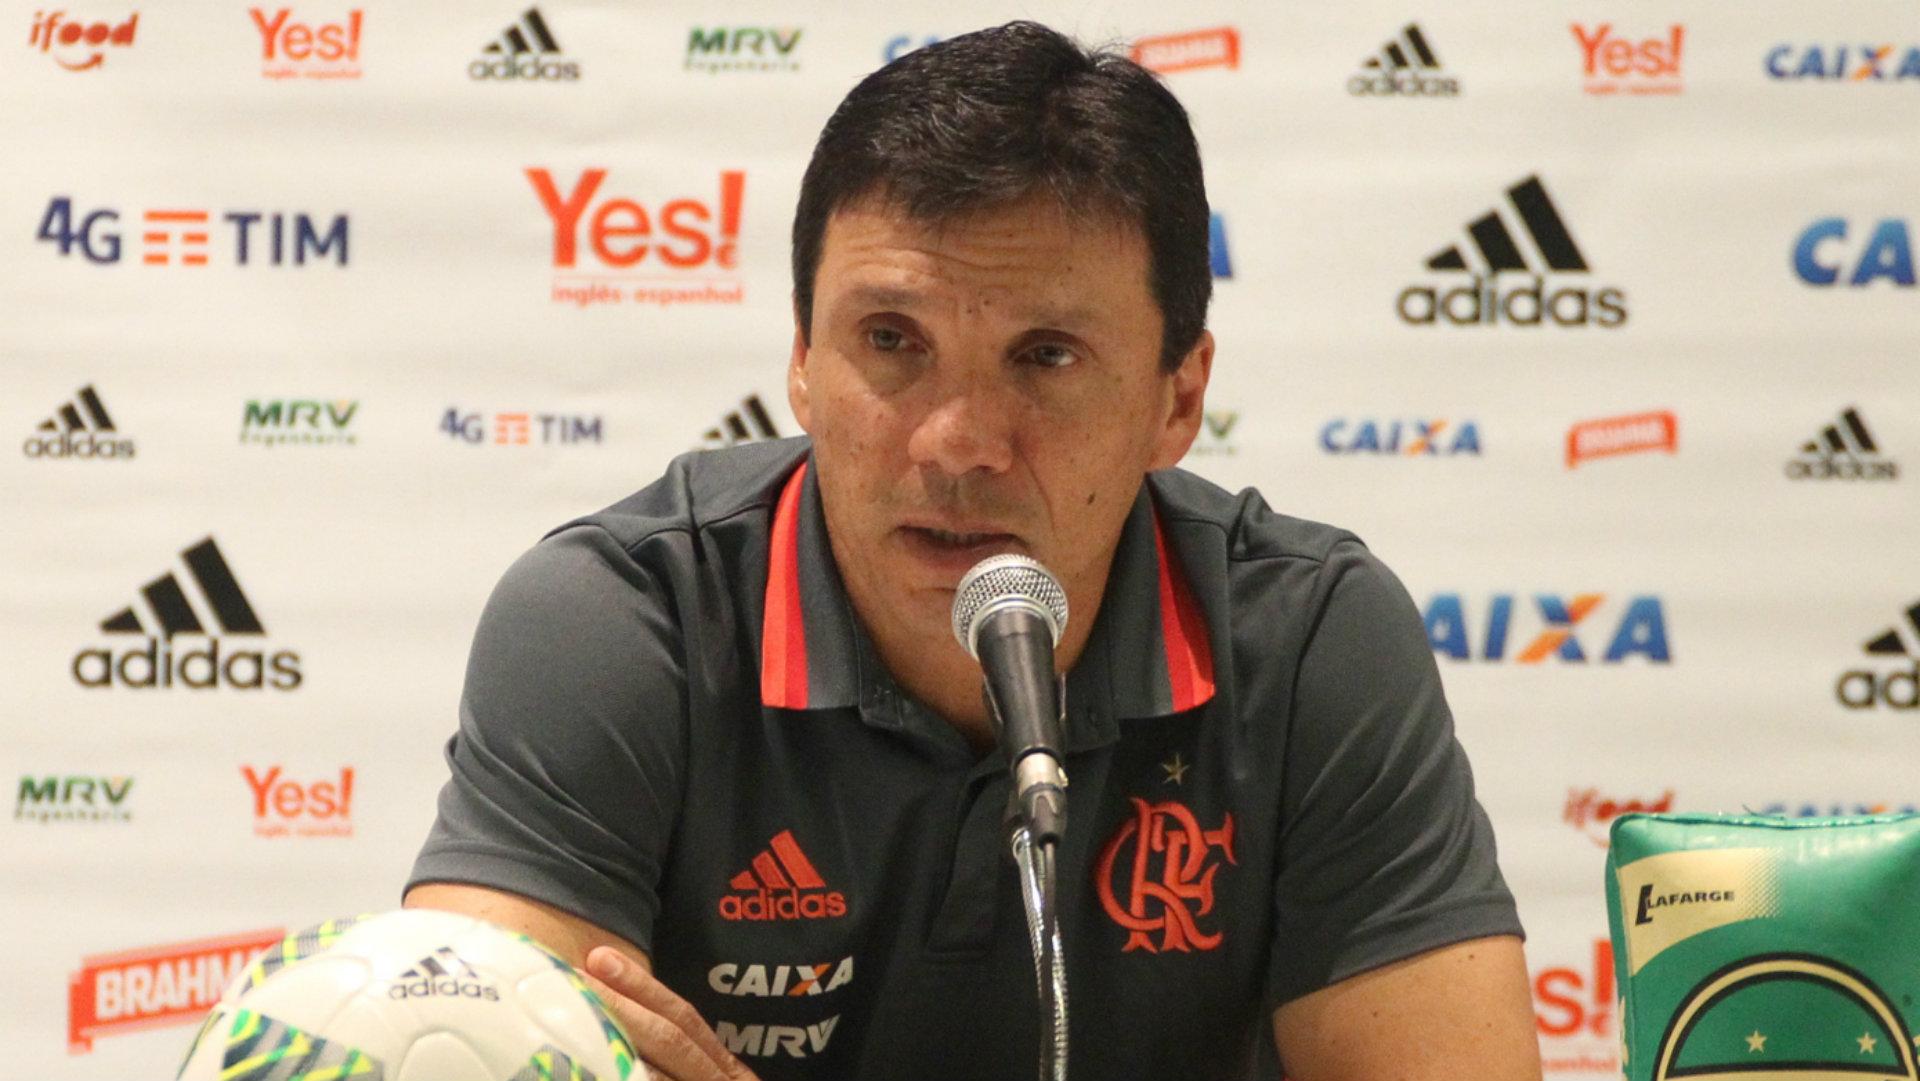 Ze Ricardo Flamengo Botafogo Brasileirão 05112016